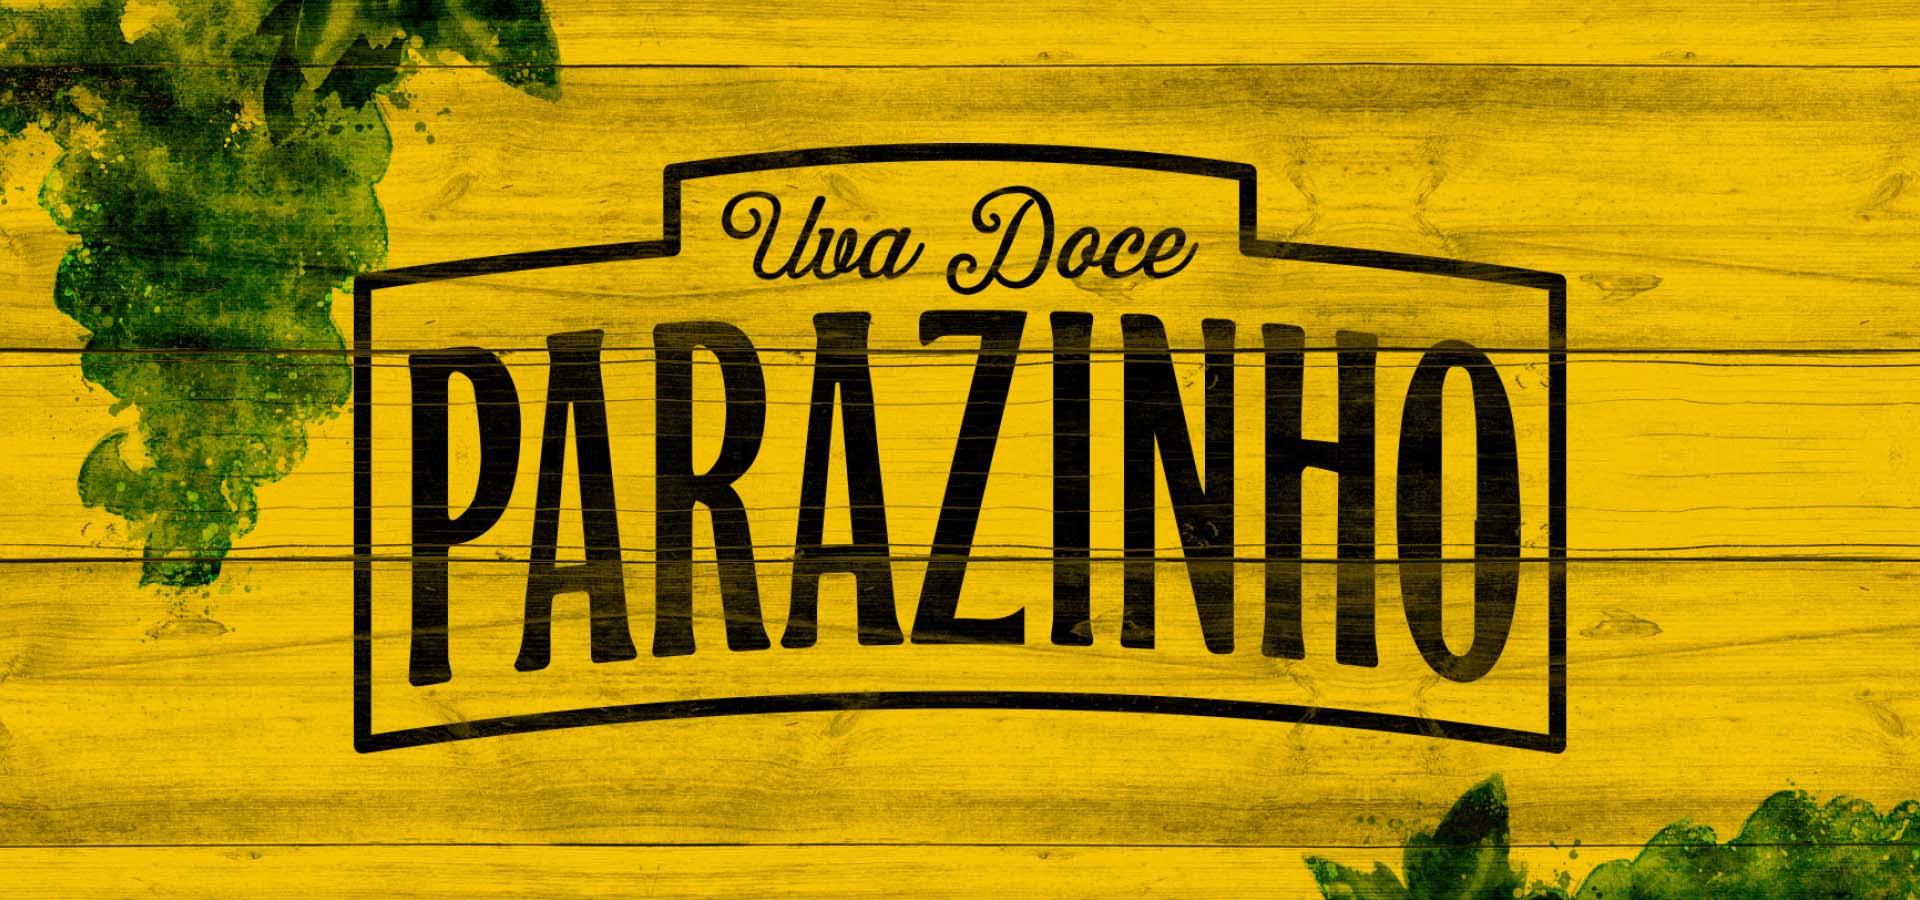 Uva Parazinho Design 1516